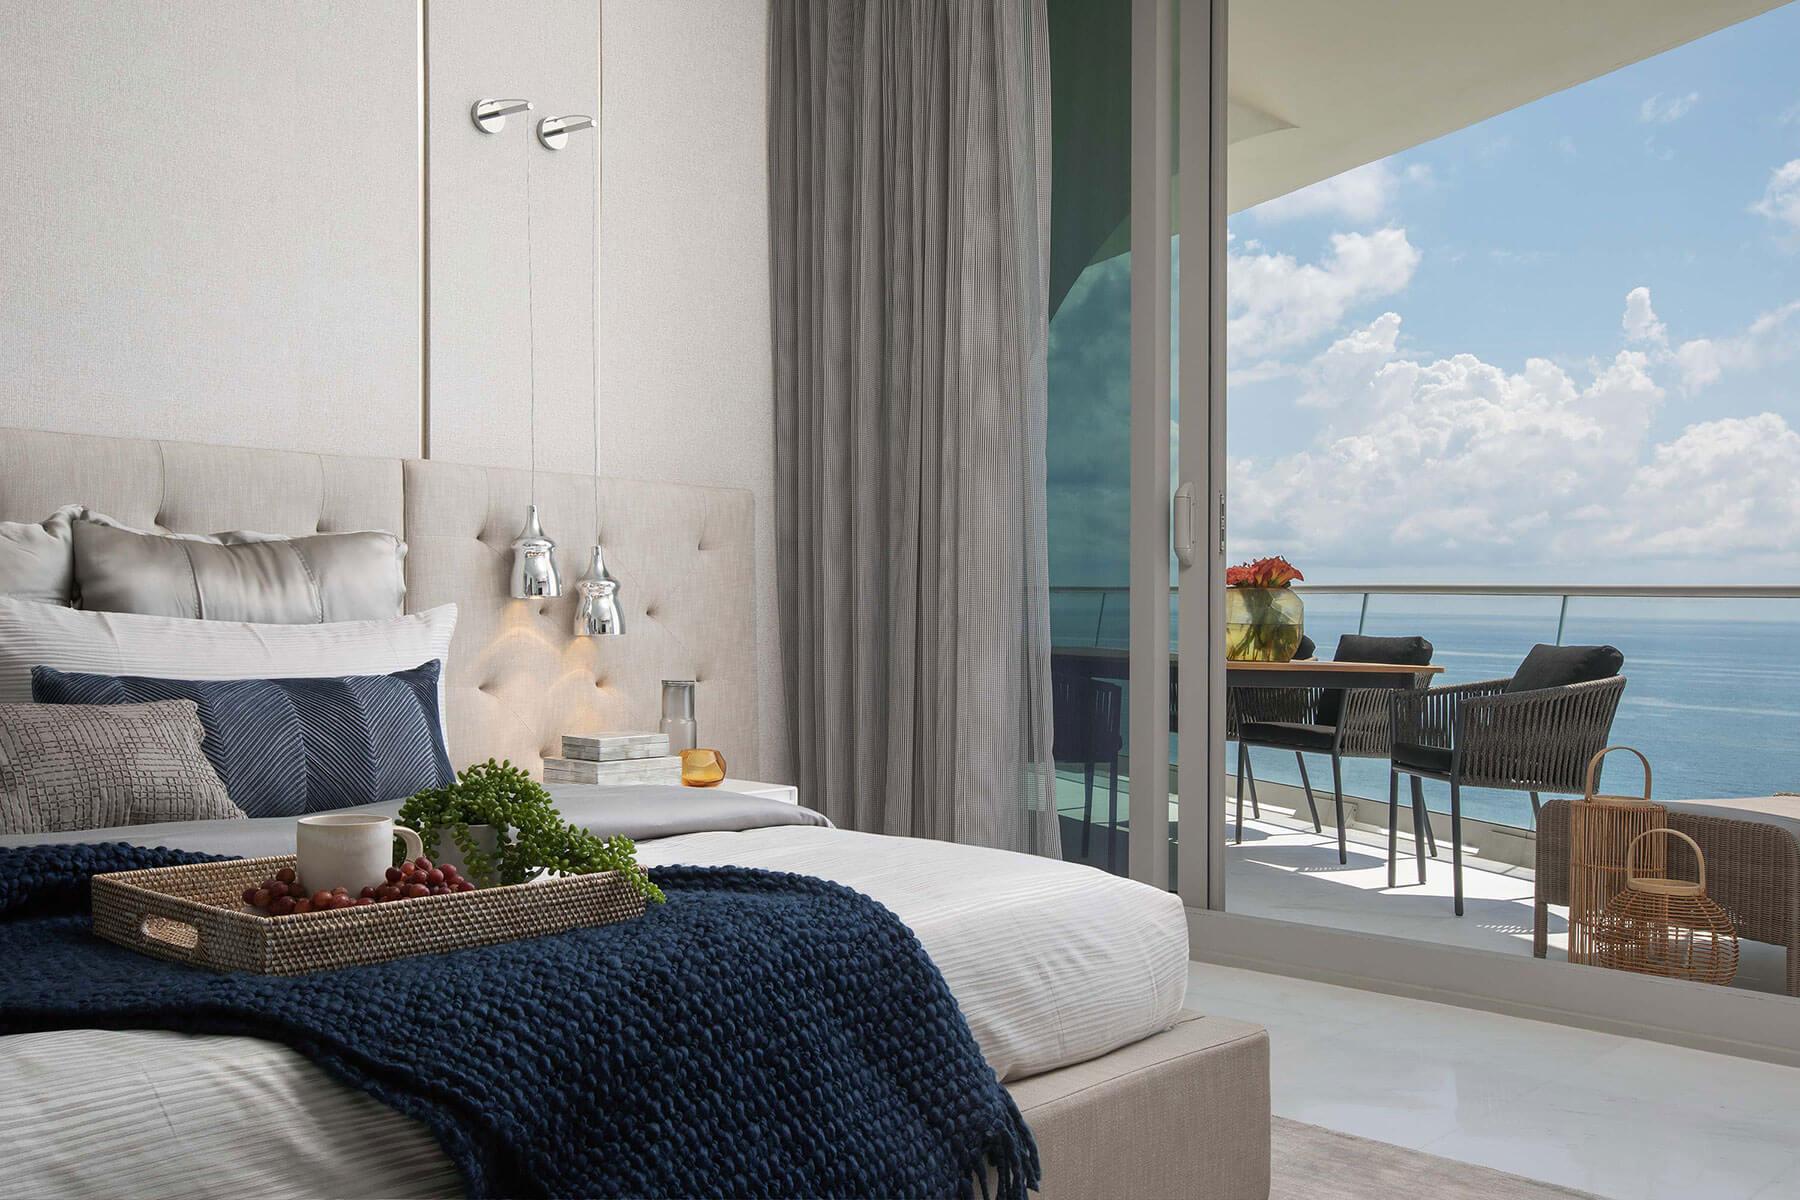 House Miami, Sunny Isles Beach, Miami, Florida – USA